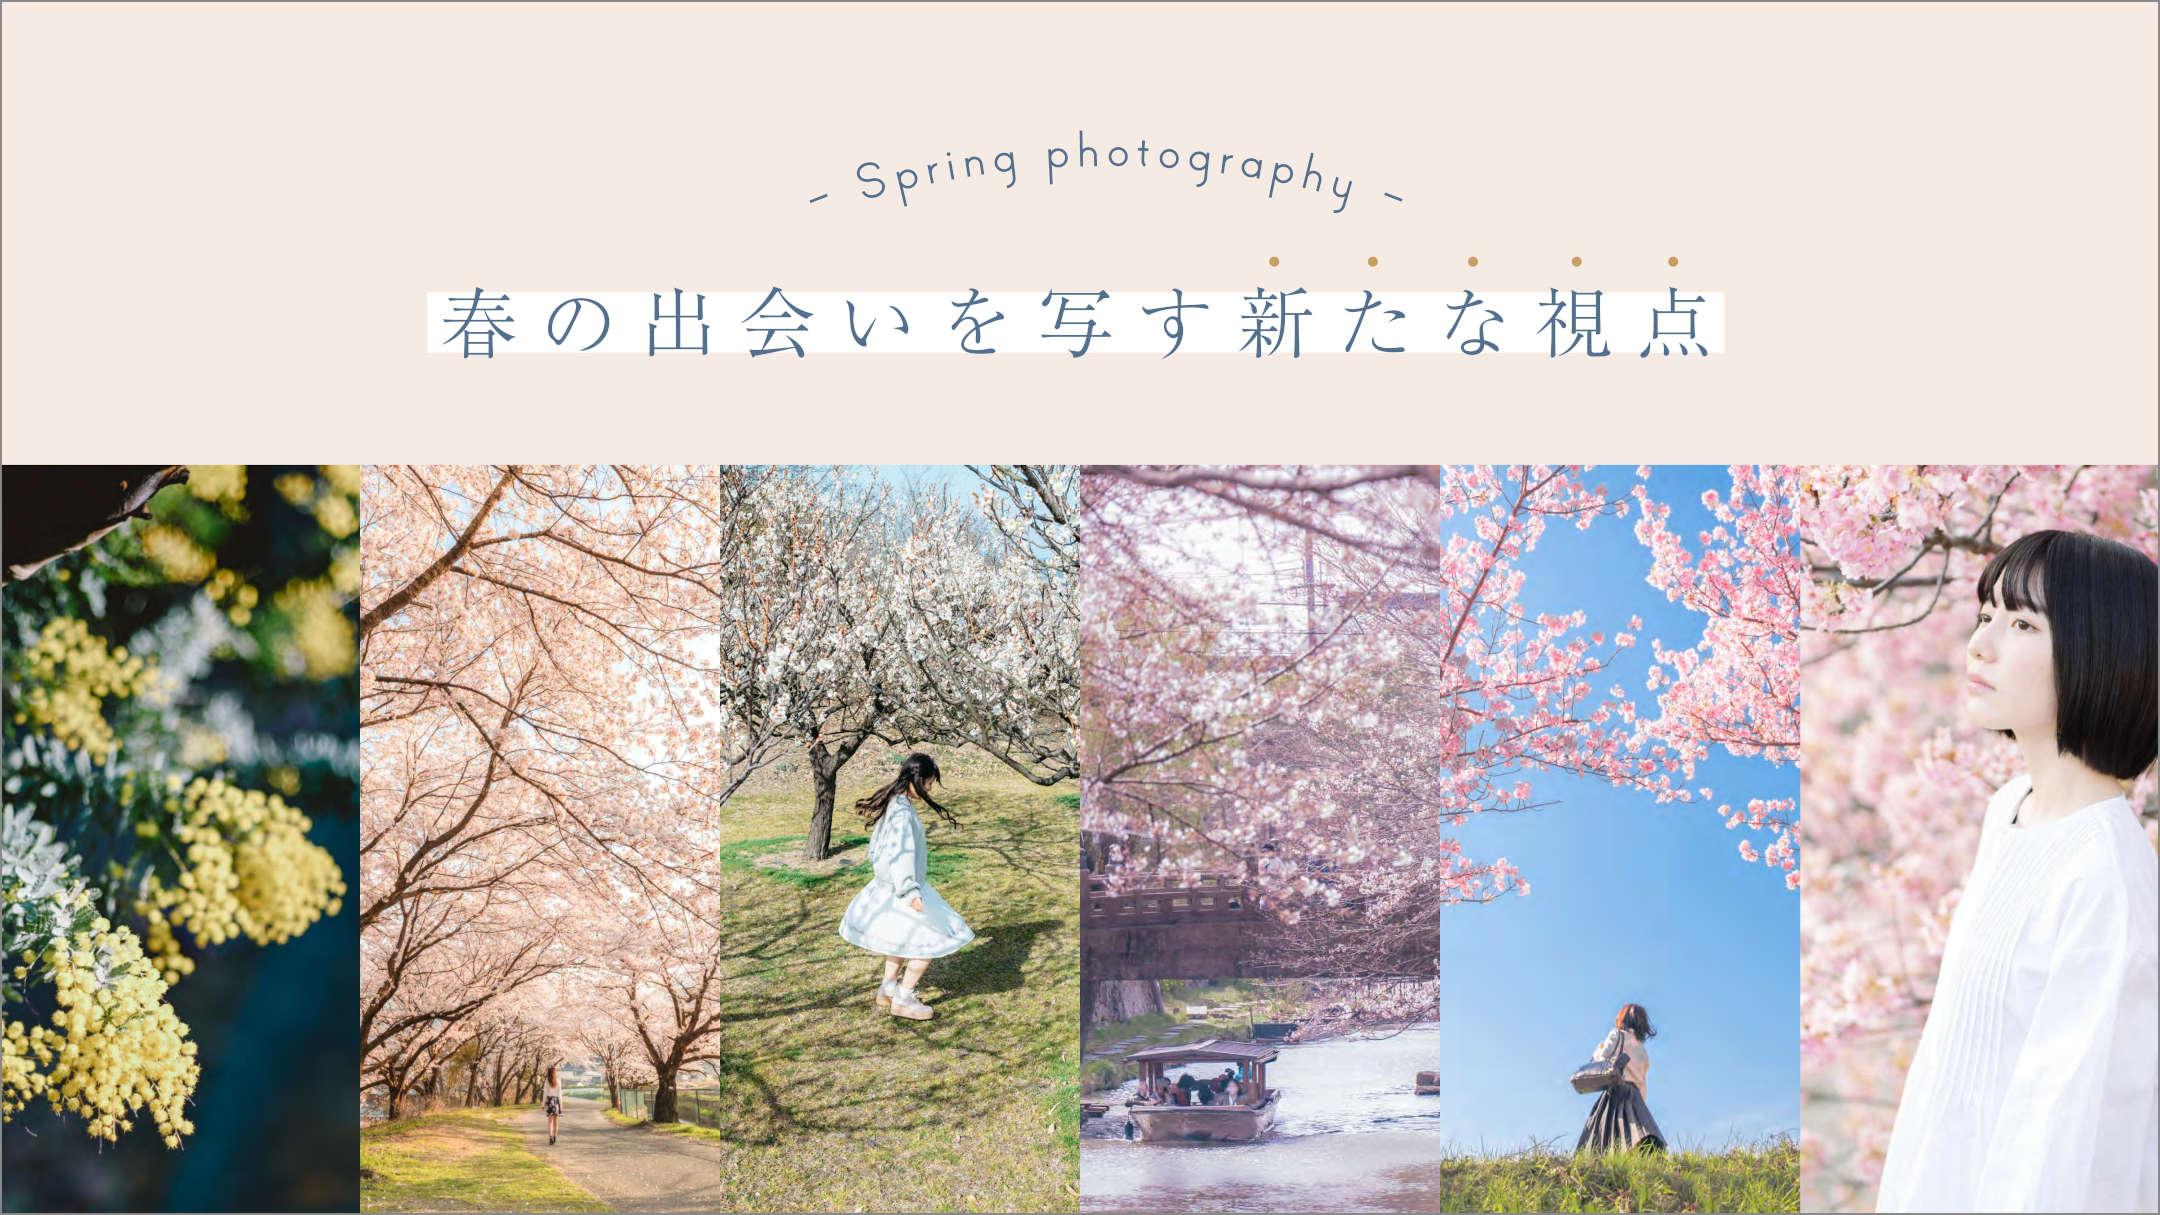 春は出会いの季節!春ならではの風景・光・人を魅力的に表現する6つの新たな視点